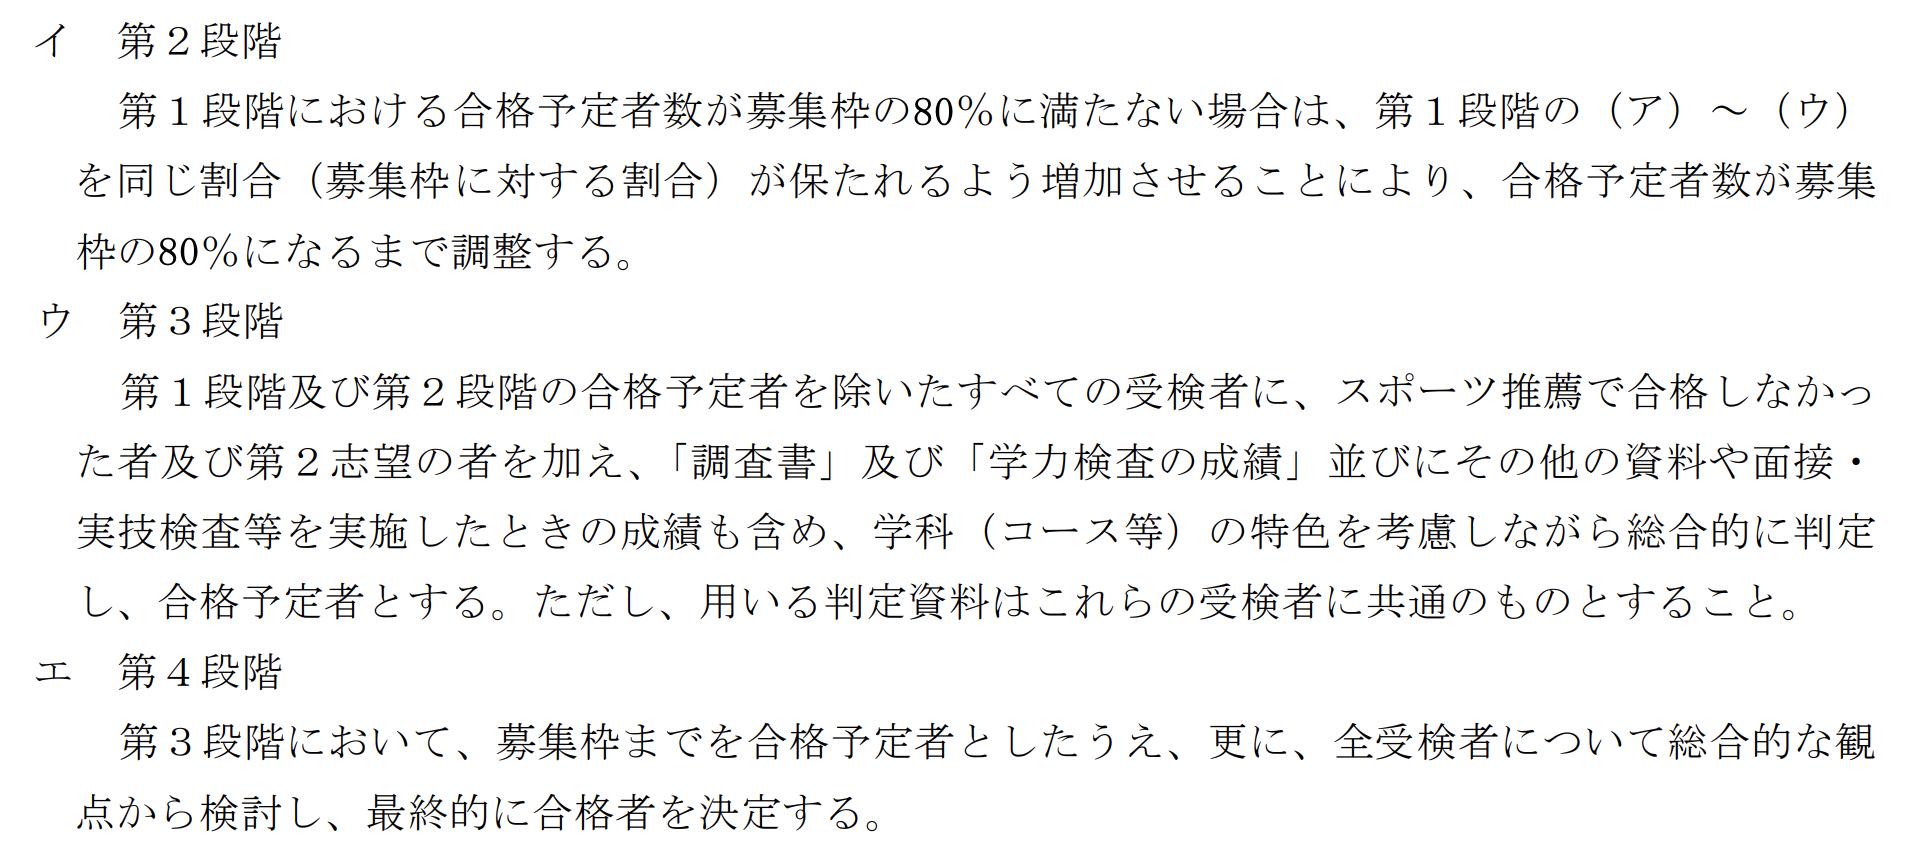 和歌山県公立高校入試制度4